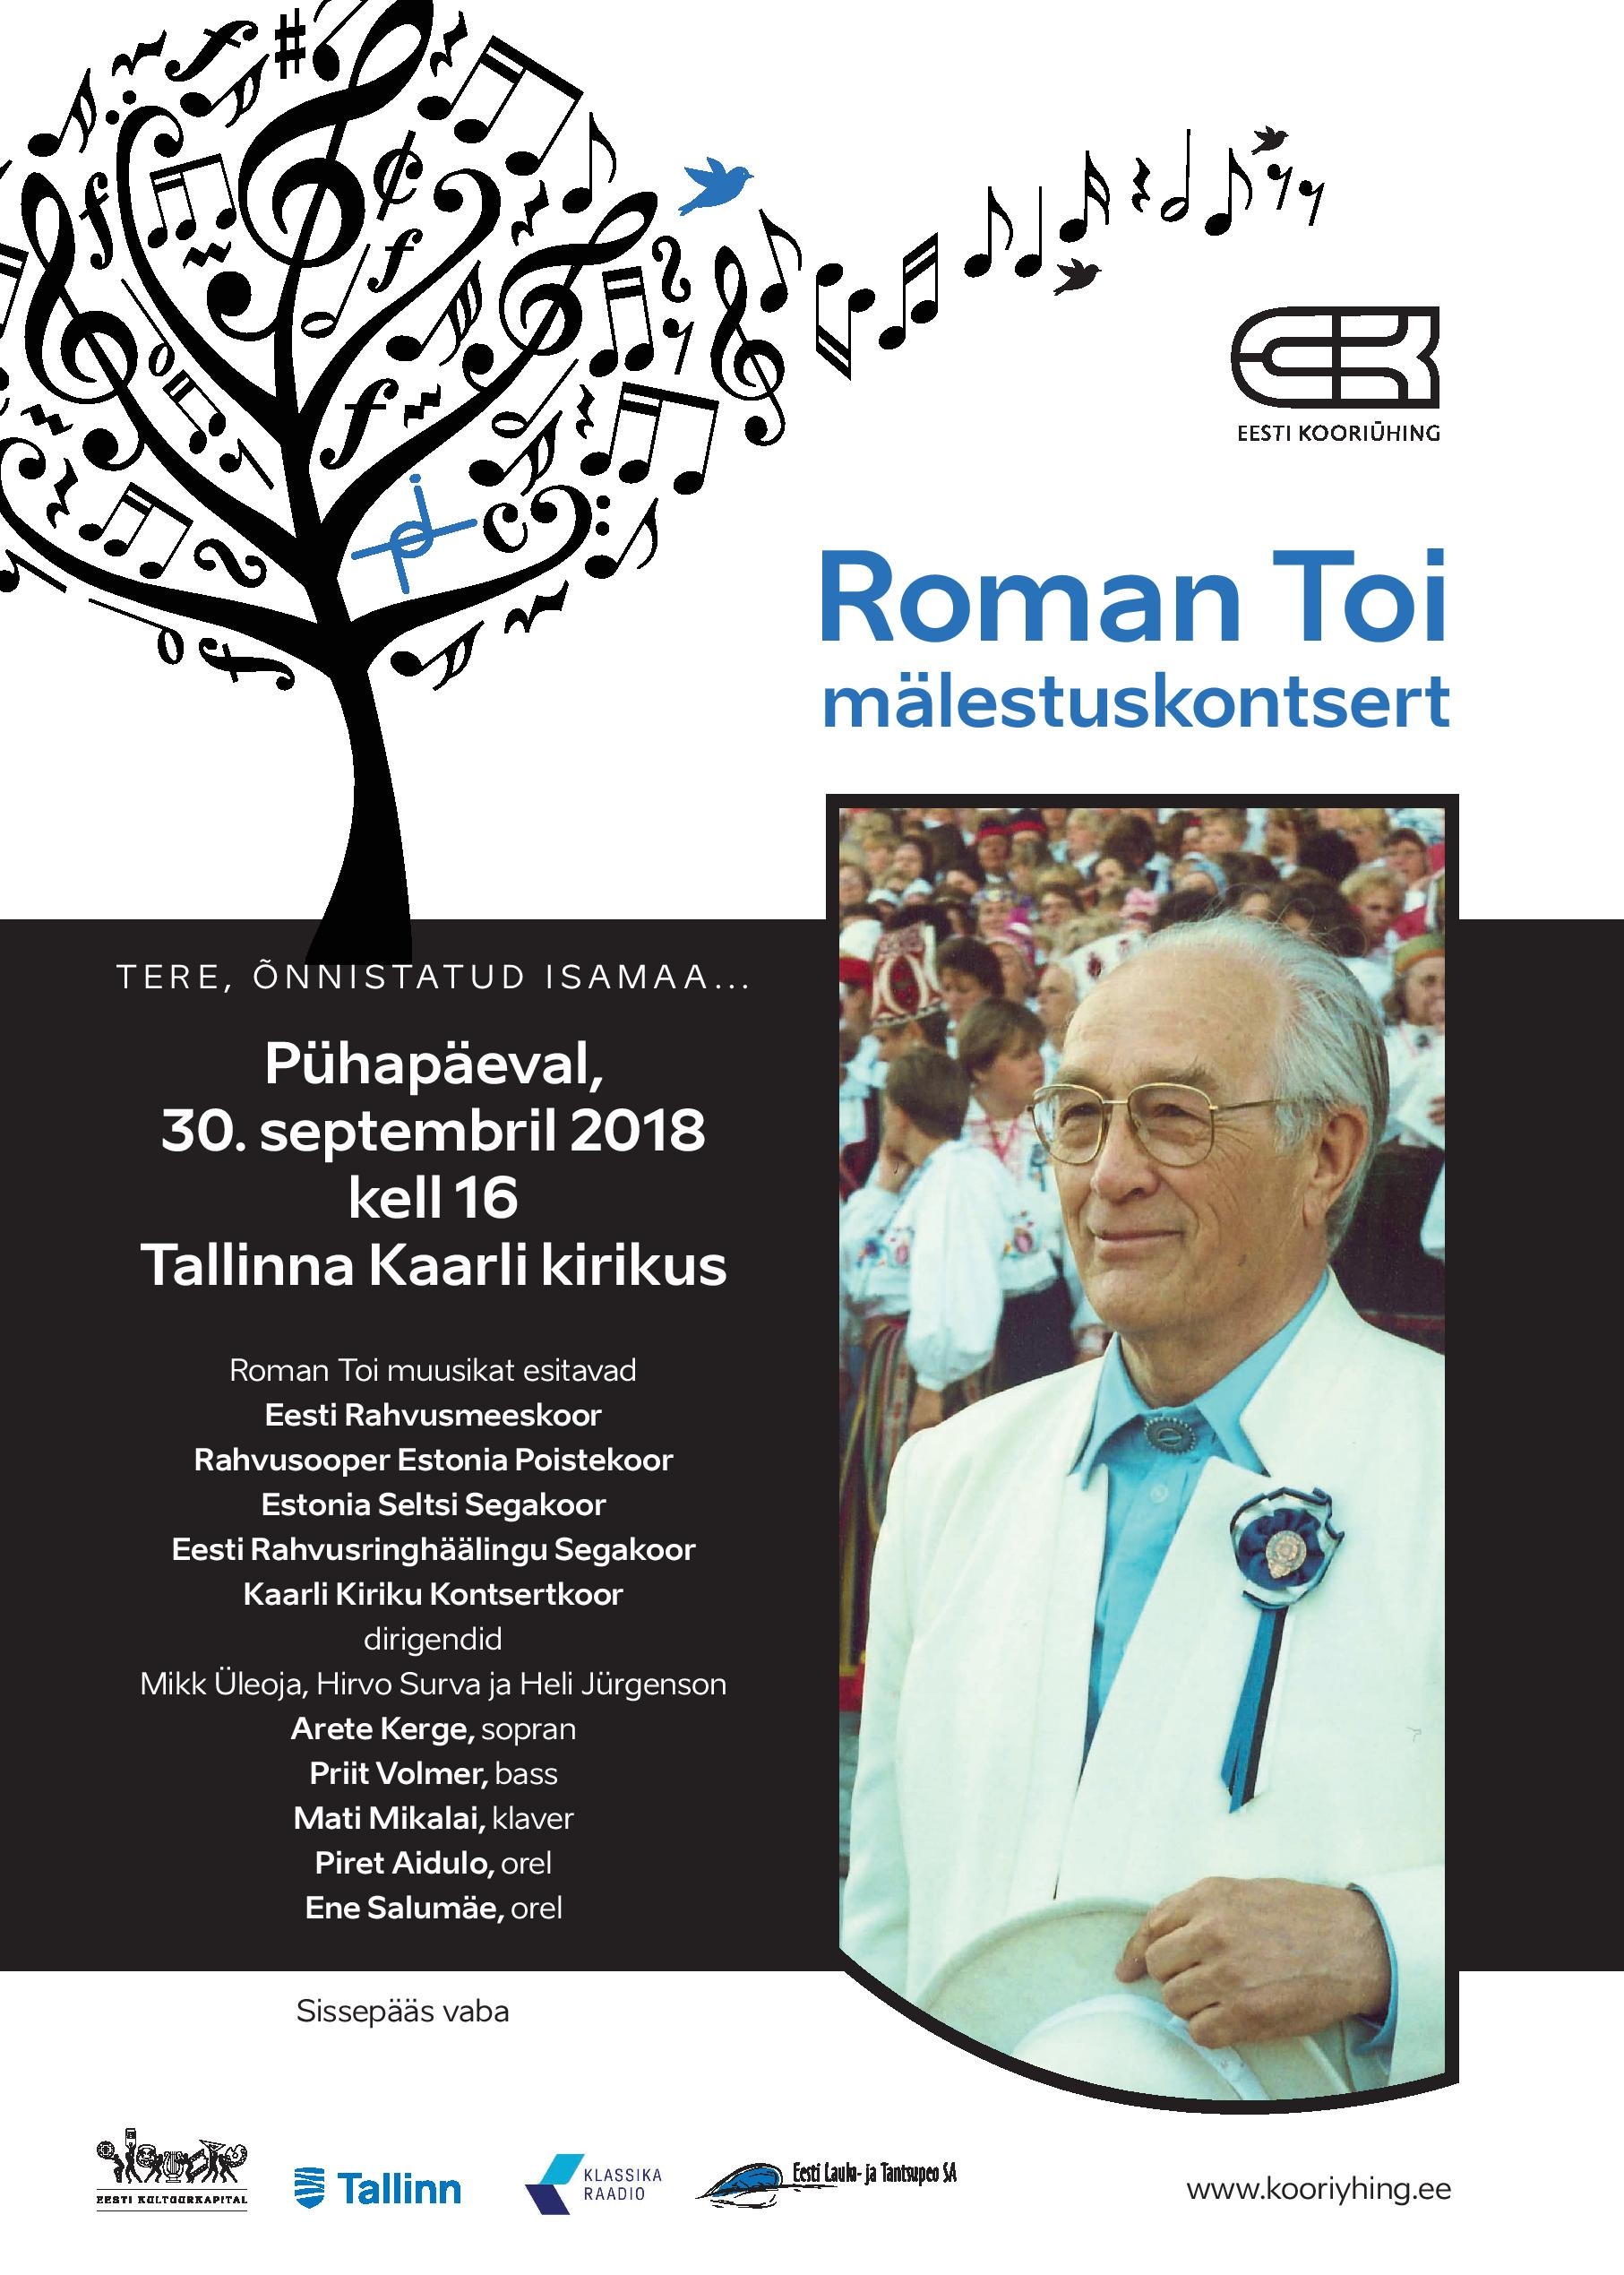 Roman Toi mälestuskontsert 30.09